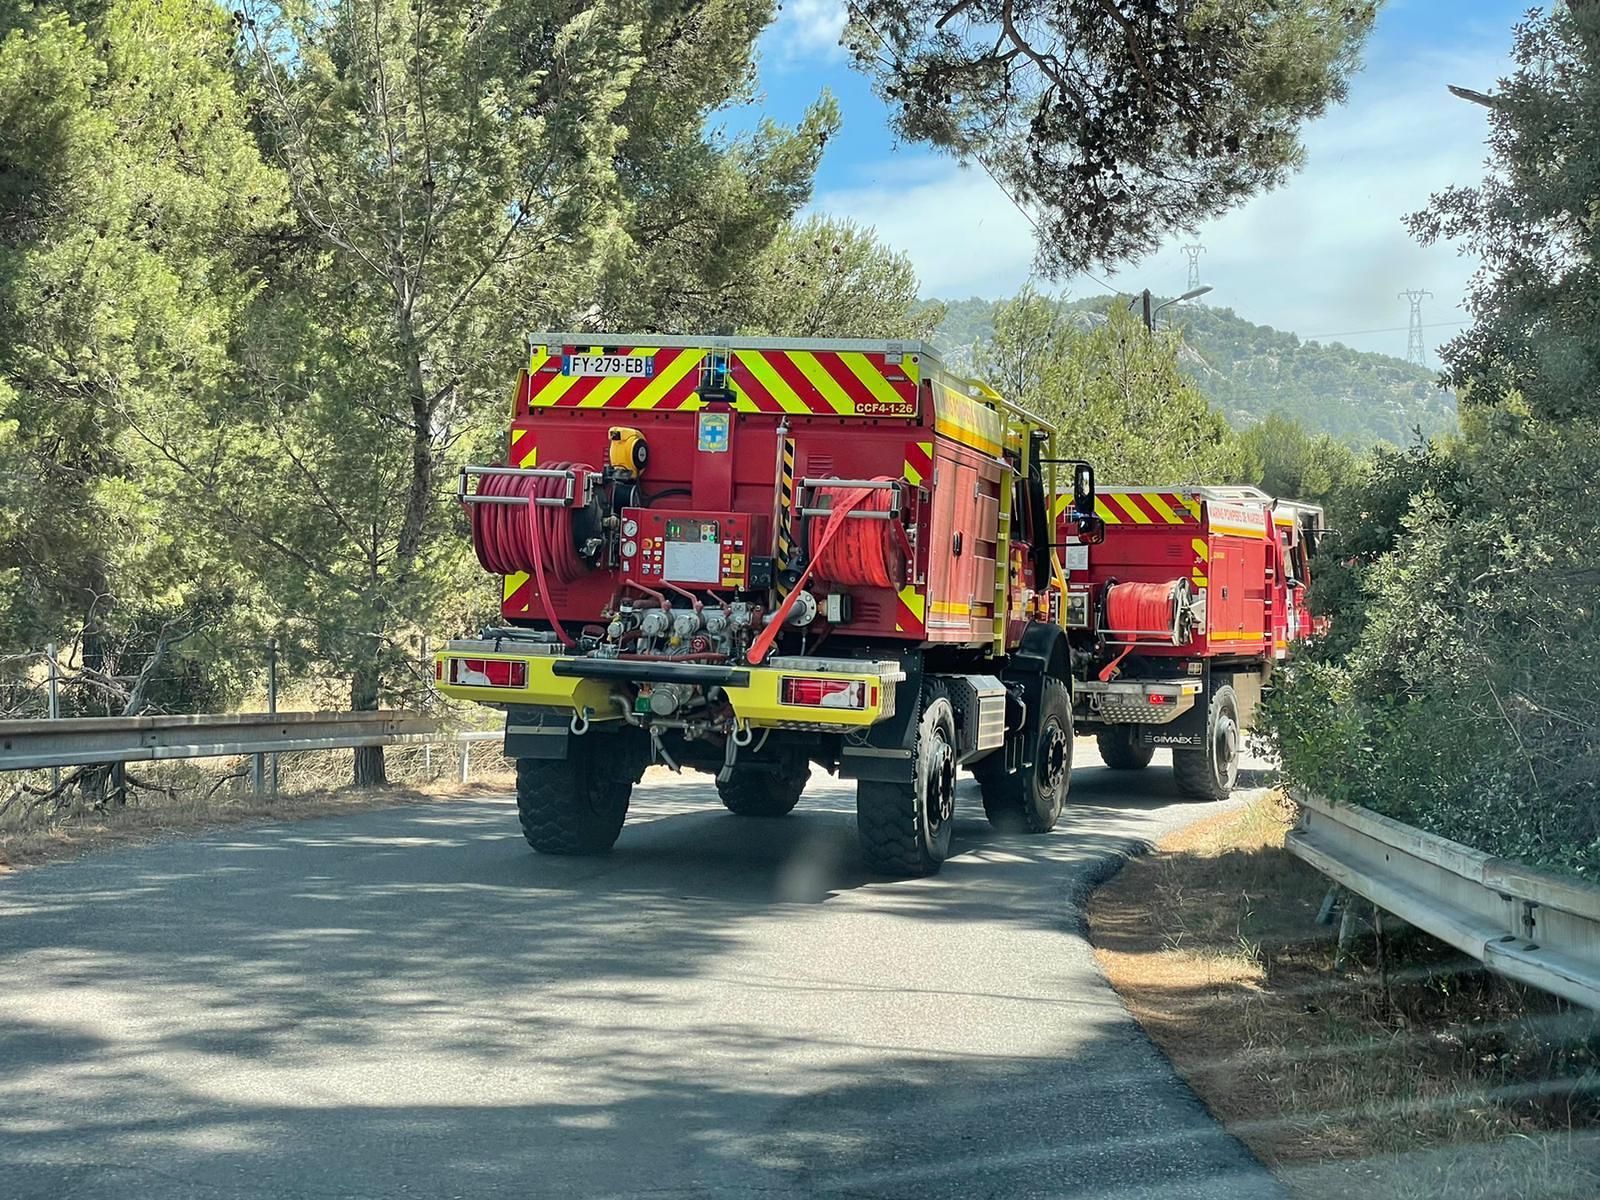 Opérations : Alerte pour les Pompiers13 sur les Pennes-Mirabeau et Rognac